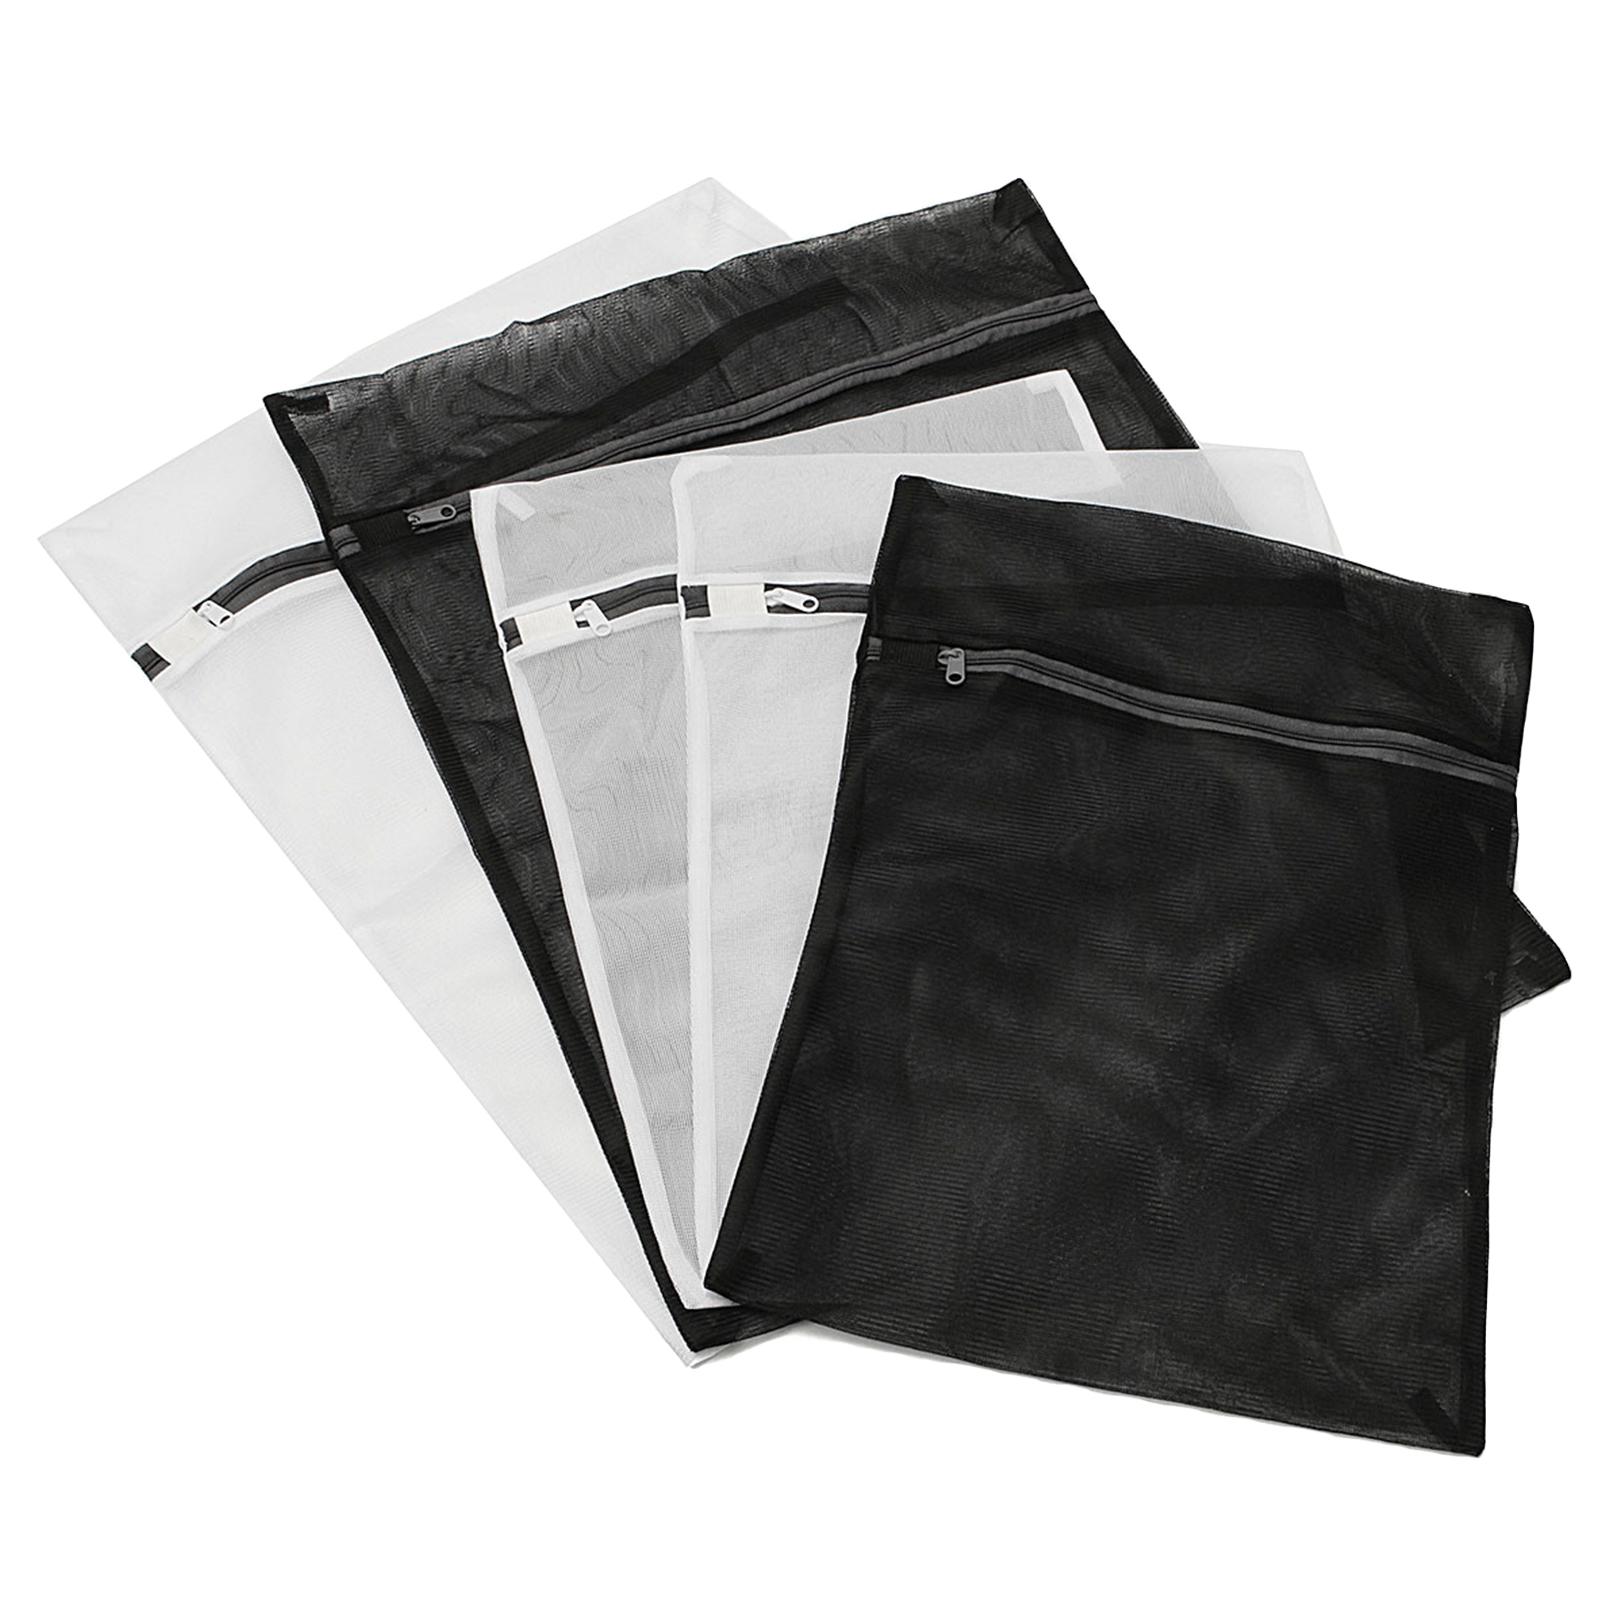 Tsv Mesh Laundry Bags Pack Of 5 For Delicates Bras Lingerie